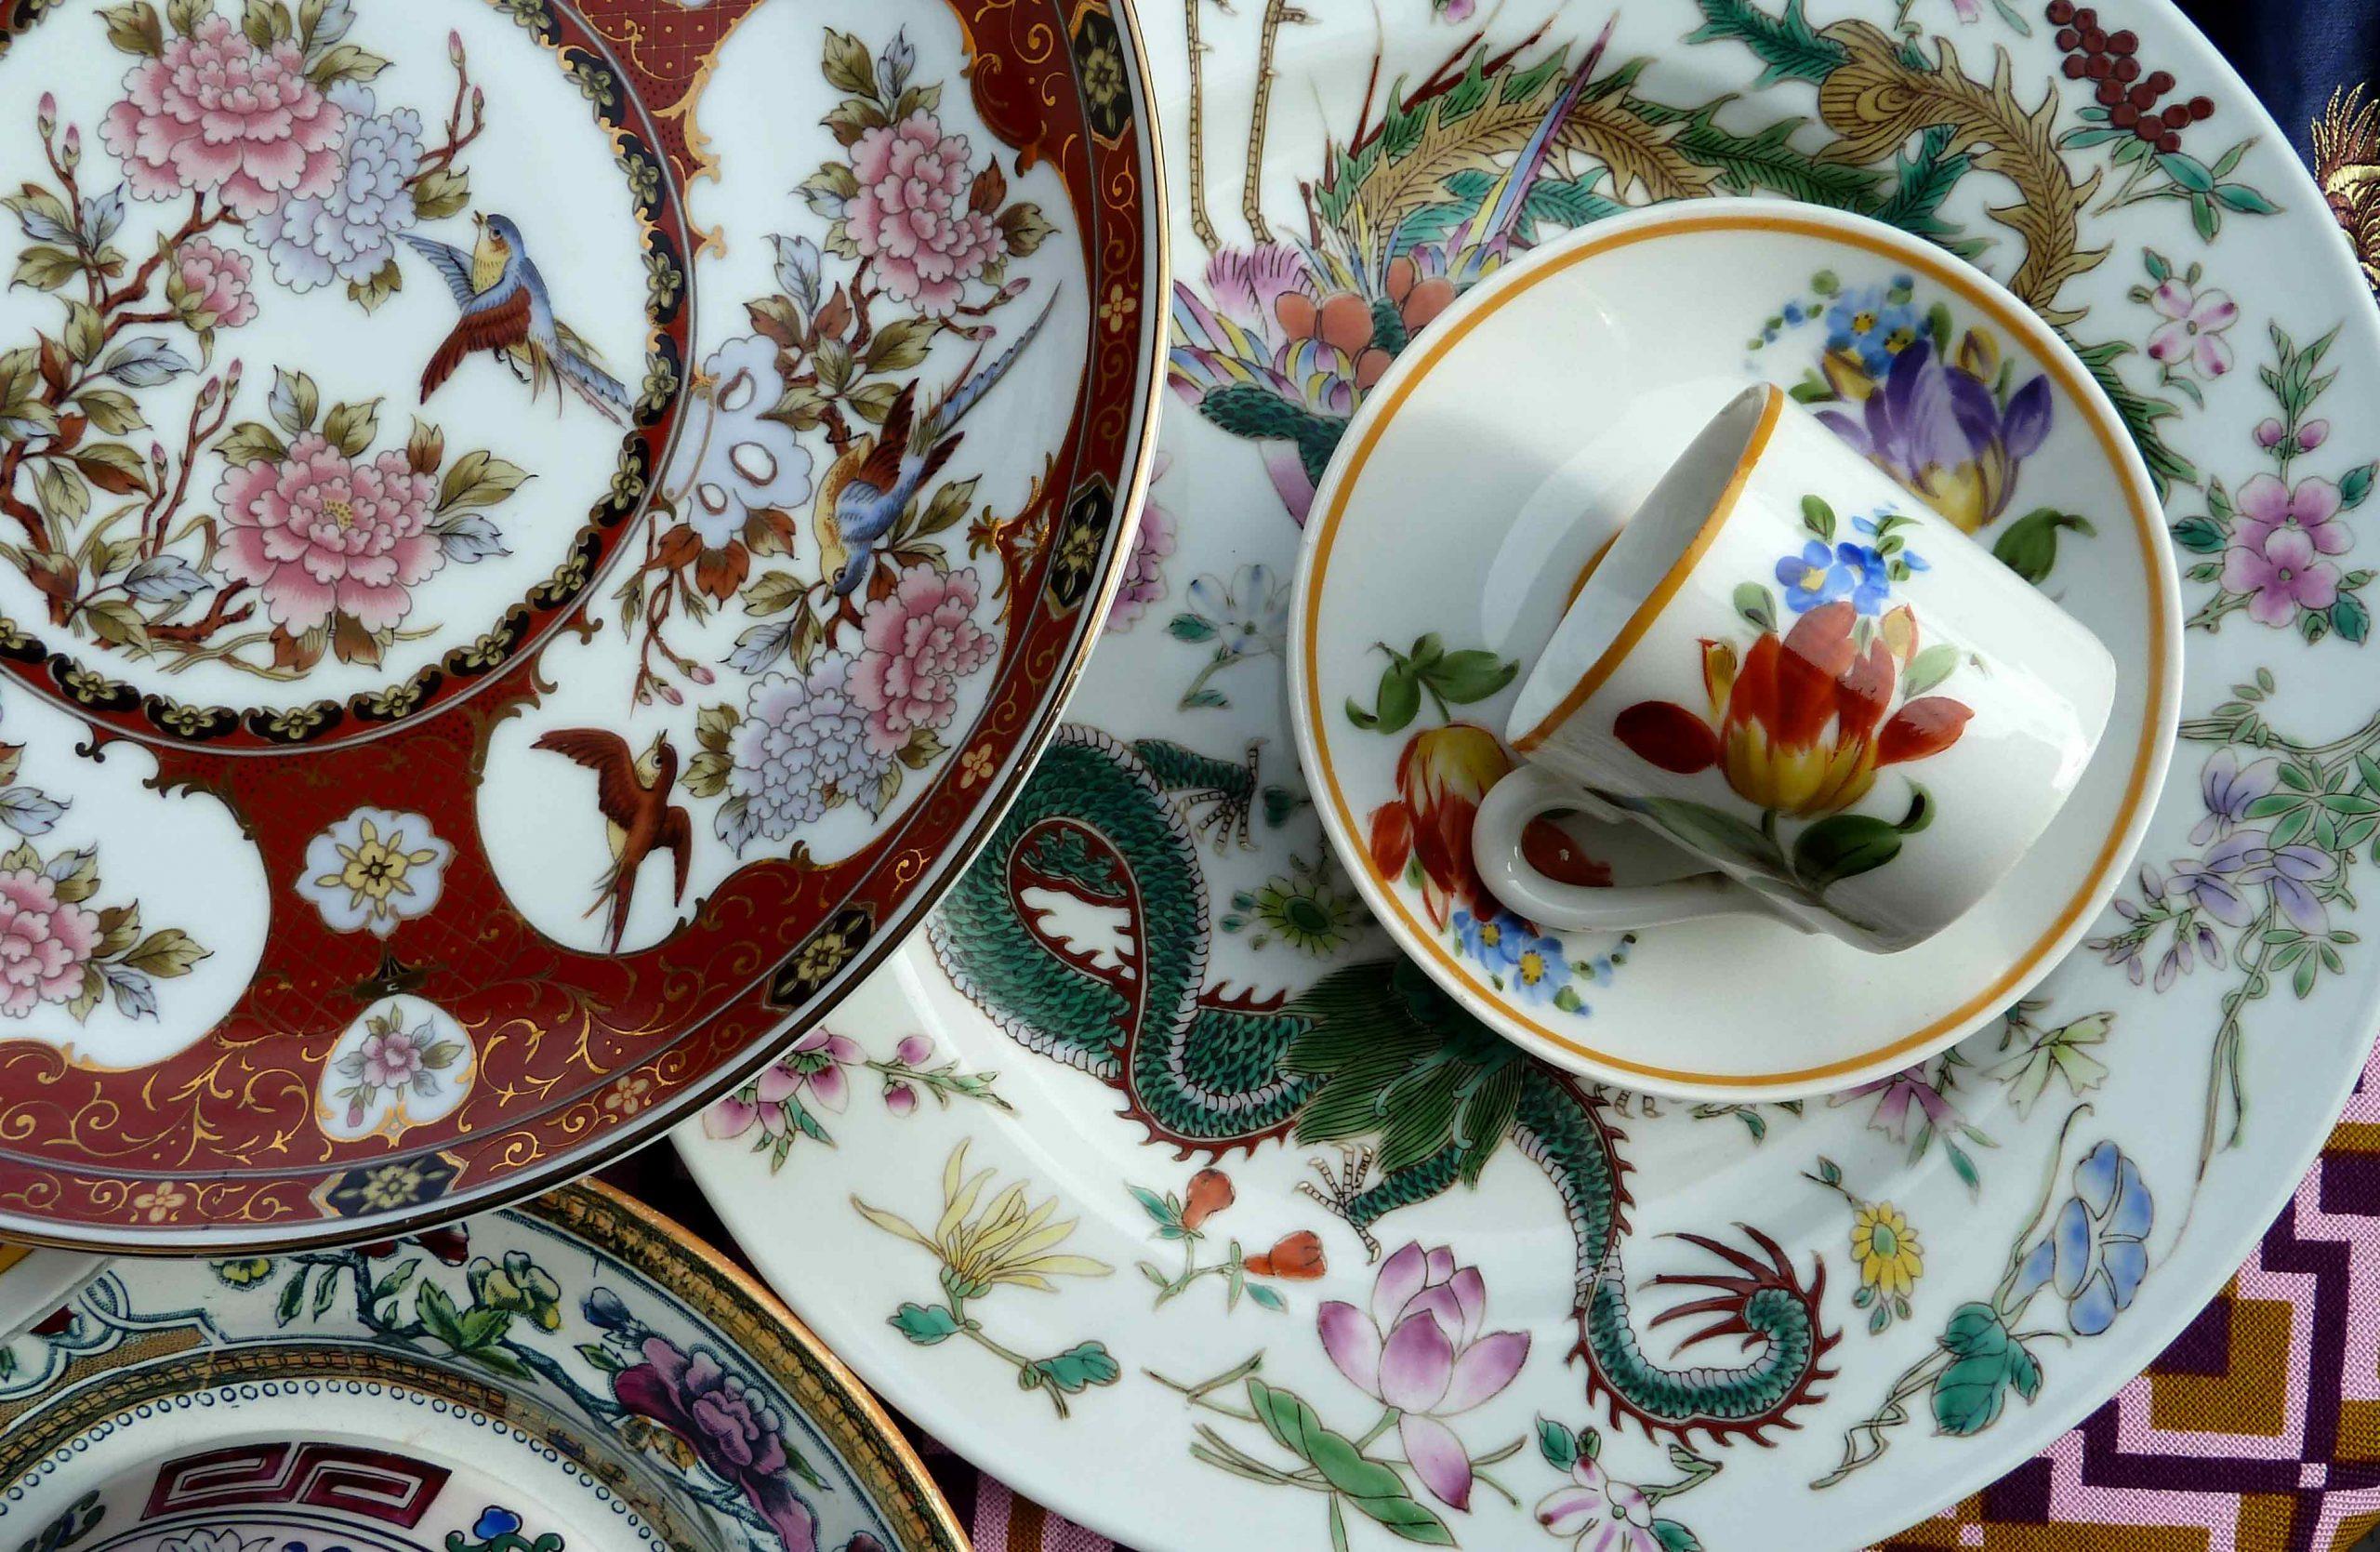 Fernost Mix und eine Mokkatasse Muster Ornamentik